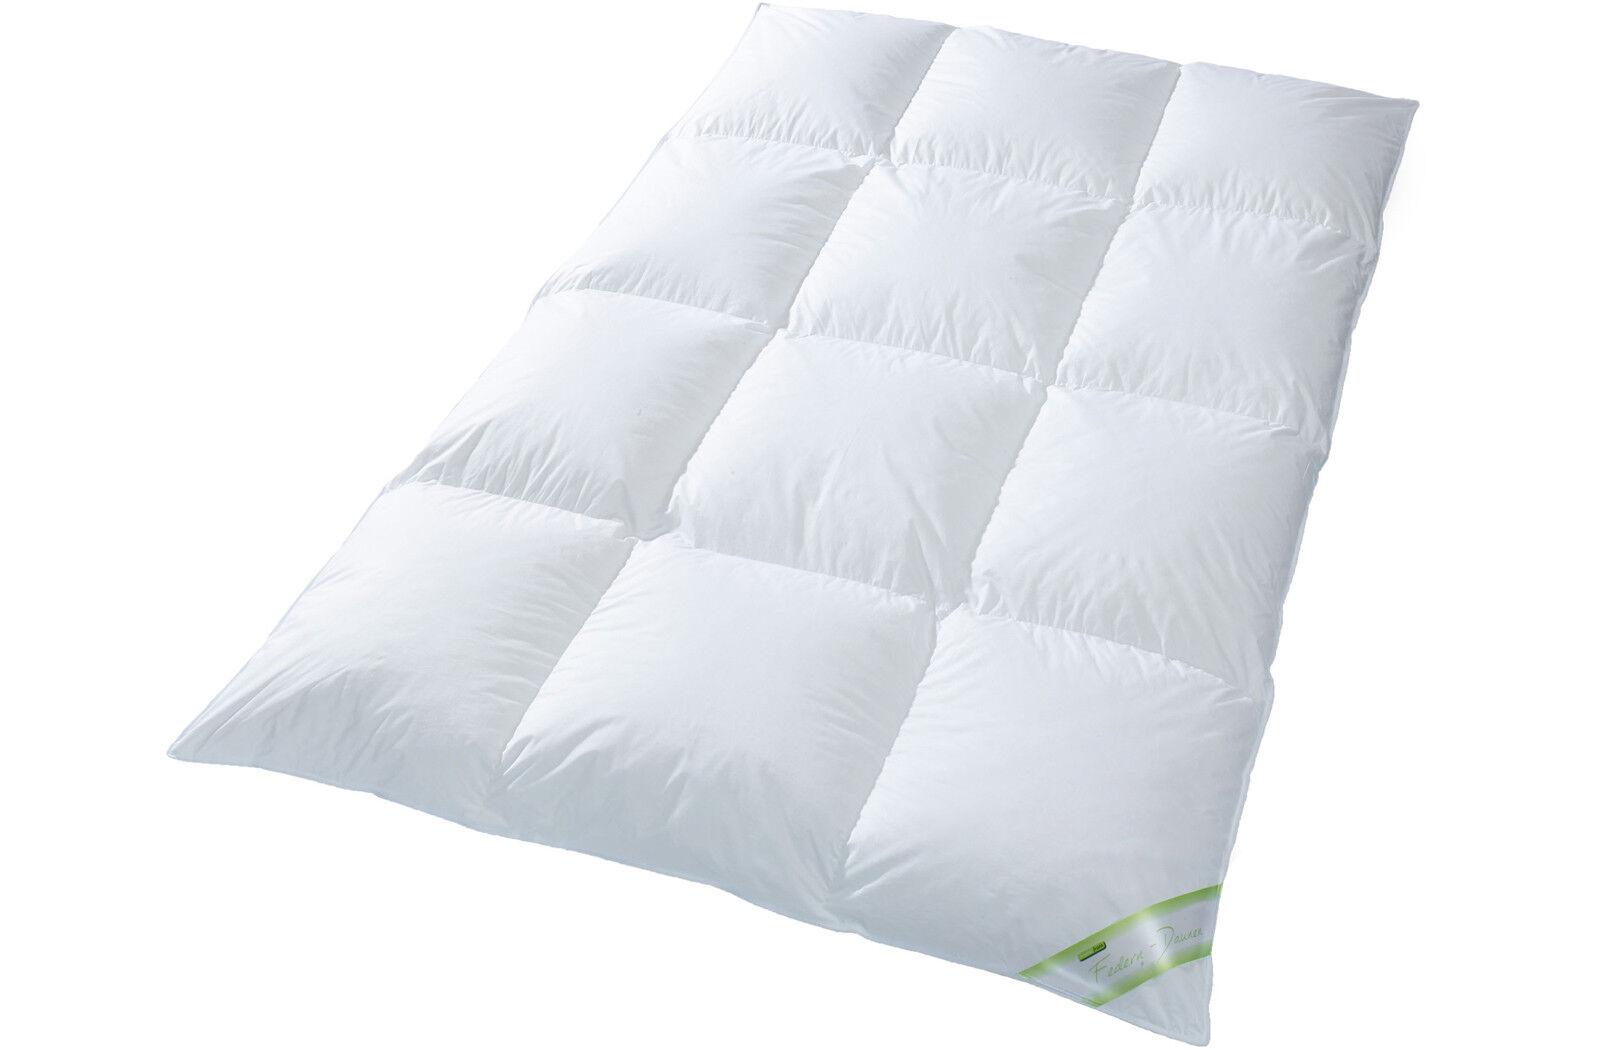 Daunendecke 10 cm Innensteg 100% Daune Winter Bettdecke Steppbett Bett Franzi-3